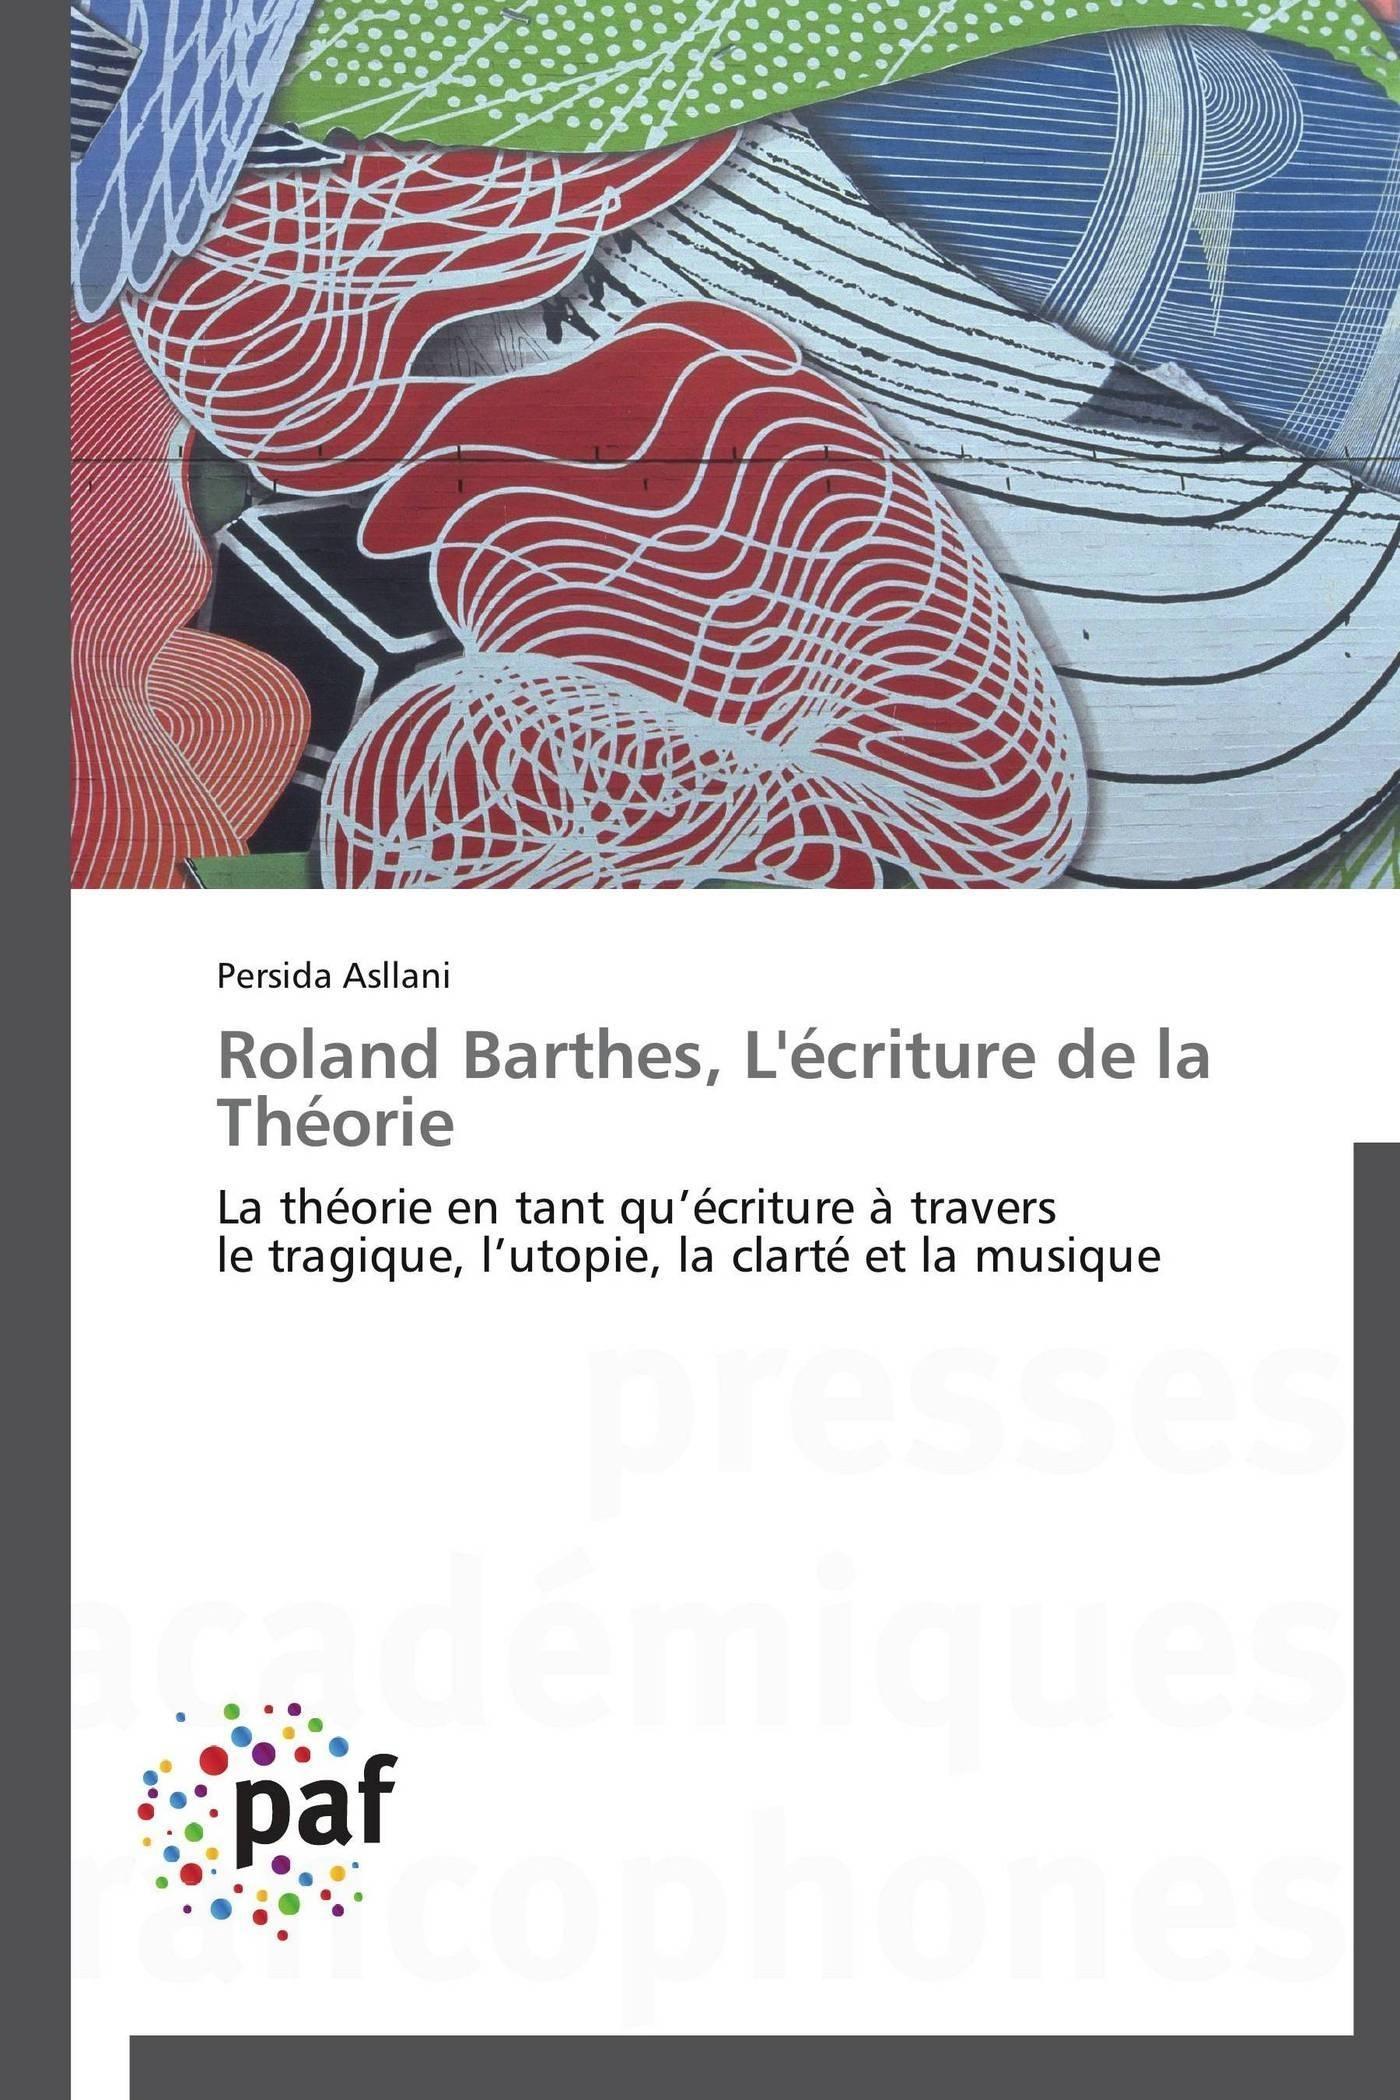 ROLAND BARTHES, L'ECRITURE DE LA THEORIE